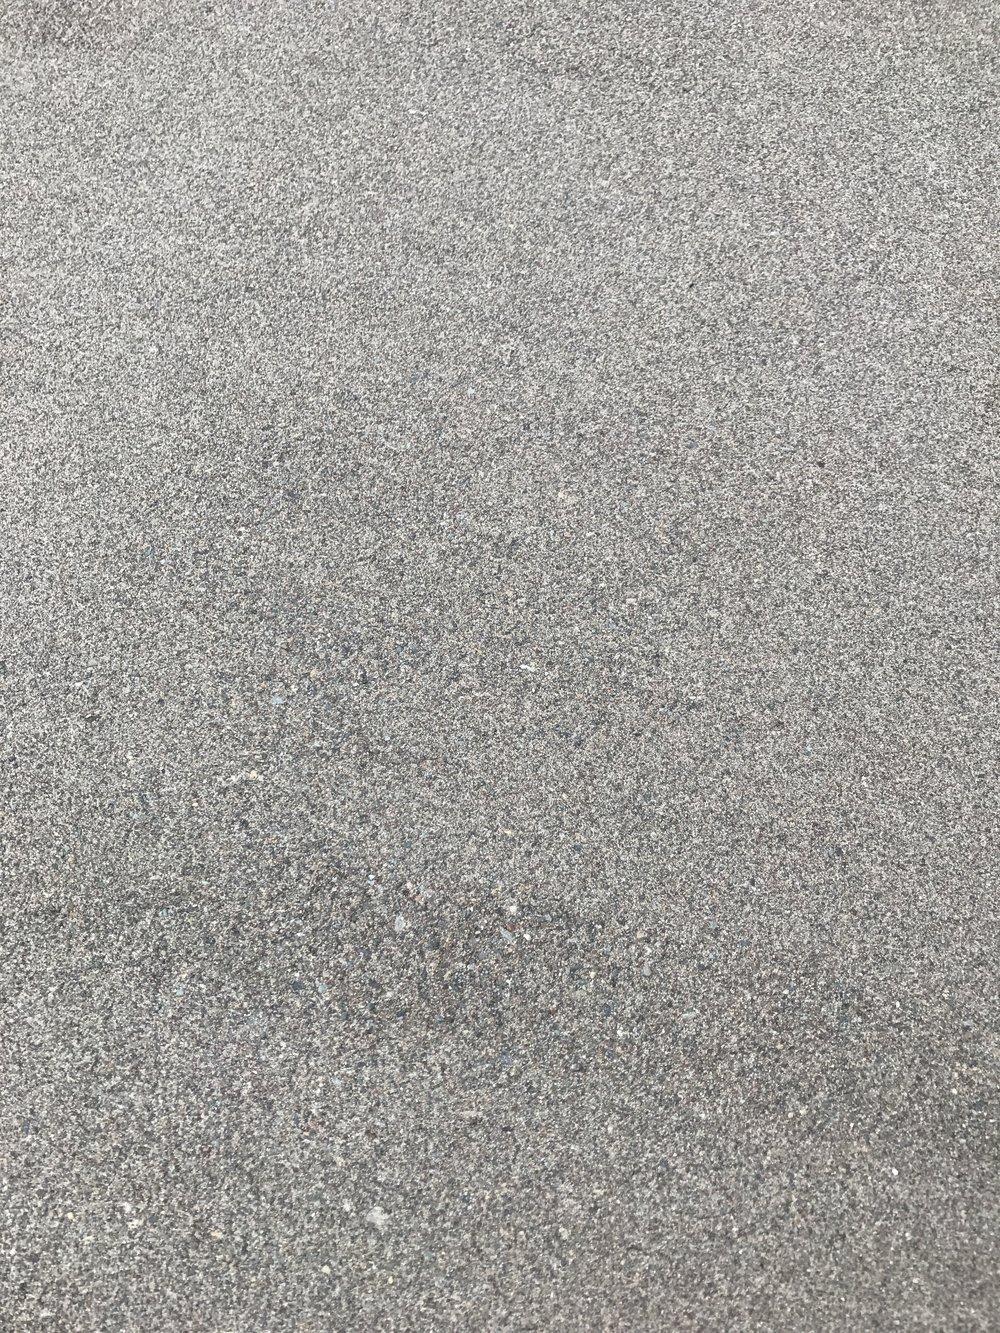 Sand & Gravel -